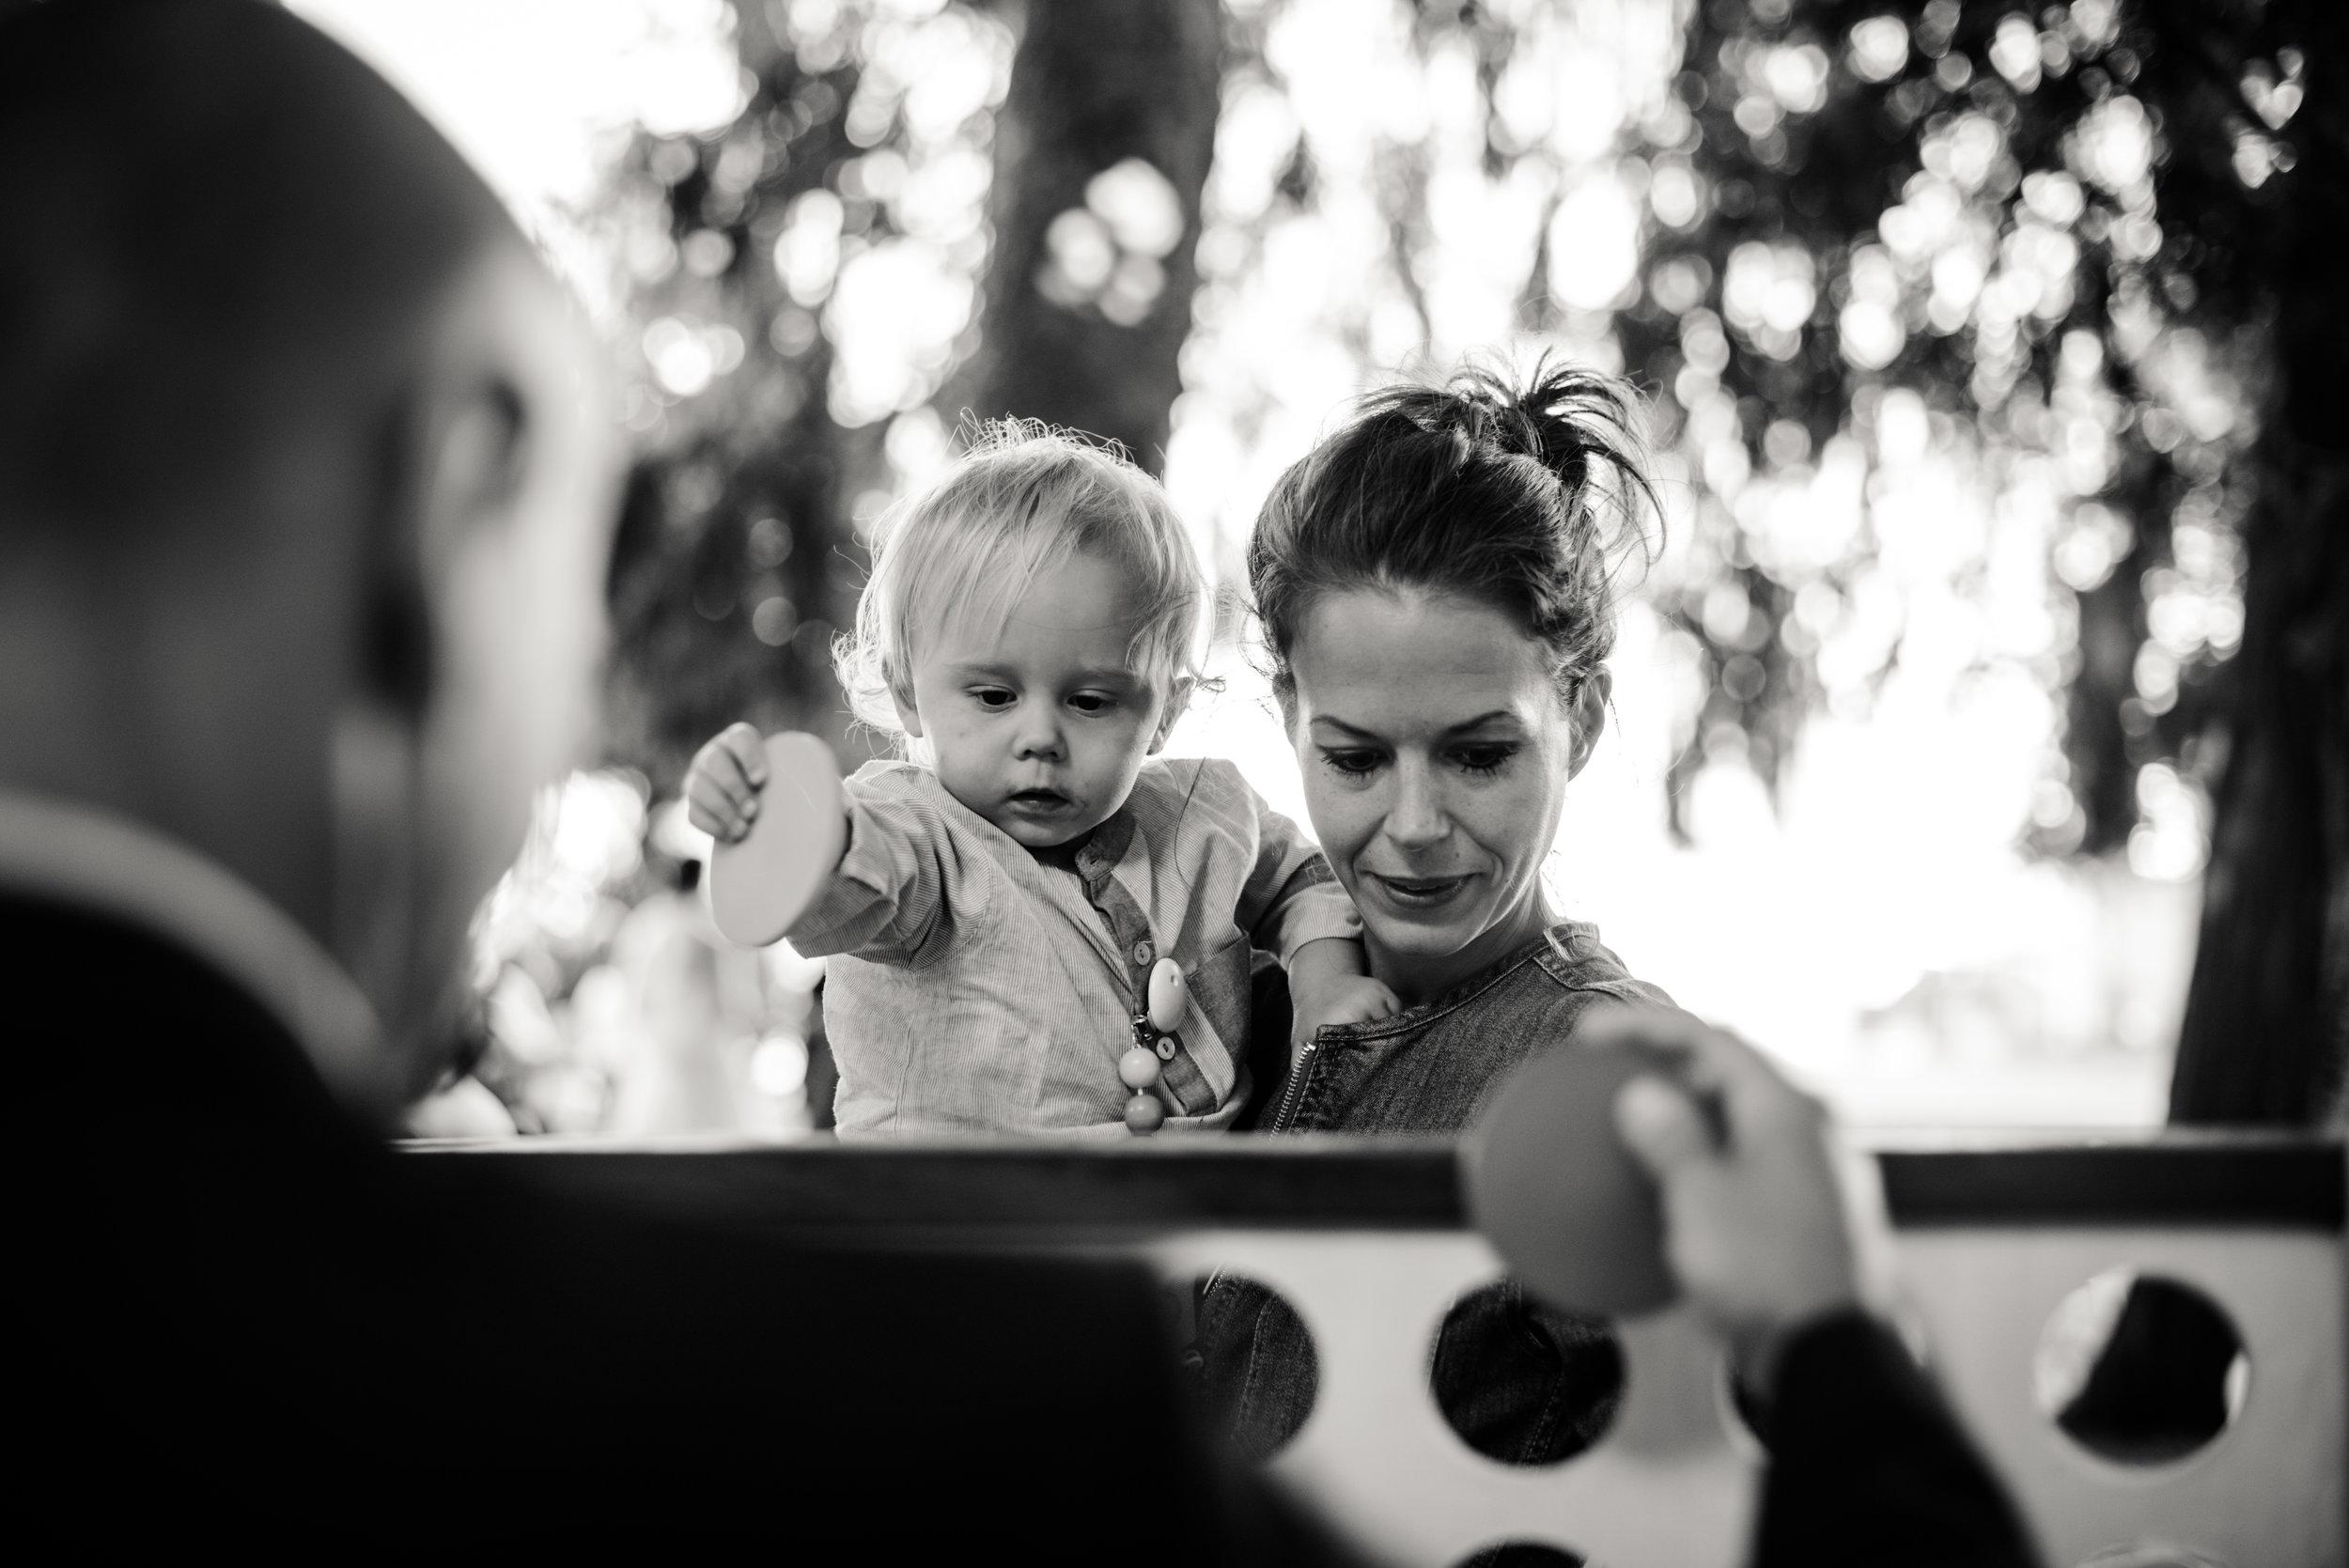 Léa-Fery-photographe-professionnel-lyon-rhone-alpes-portrait-creation-mariage-evenement-evenementiel-famille-9223.jpg